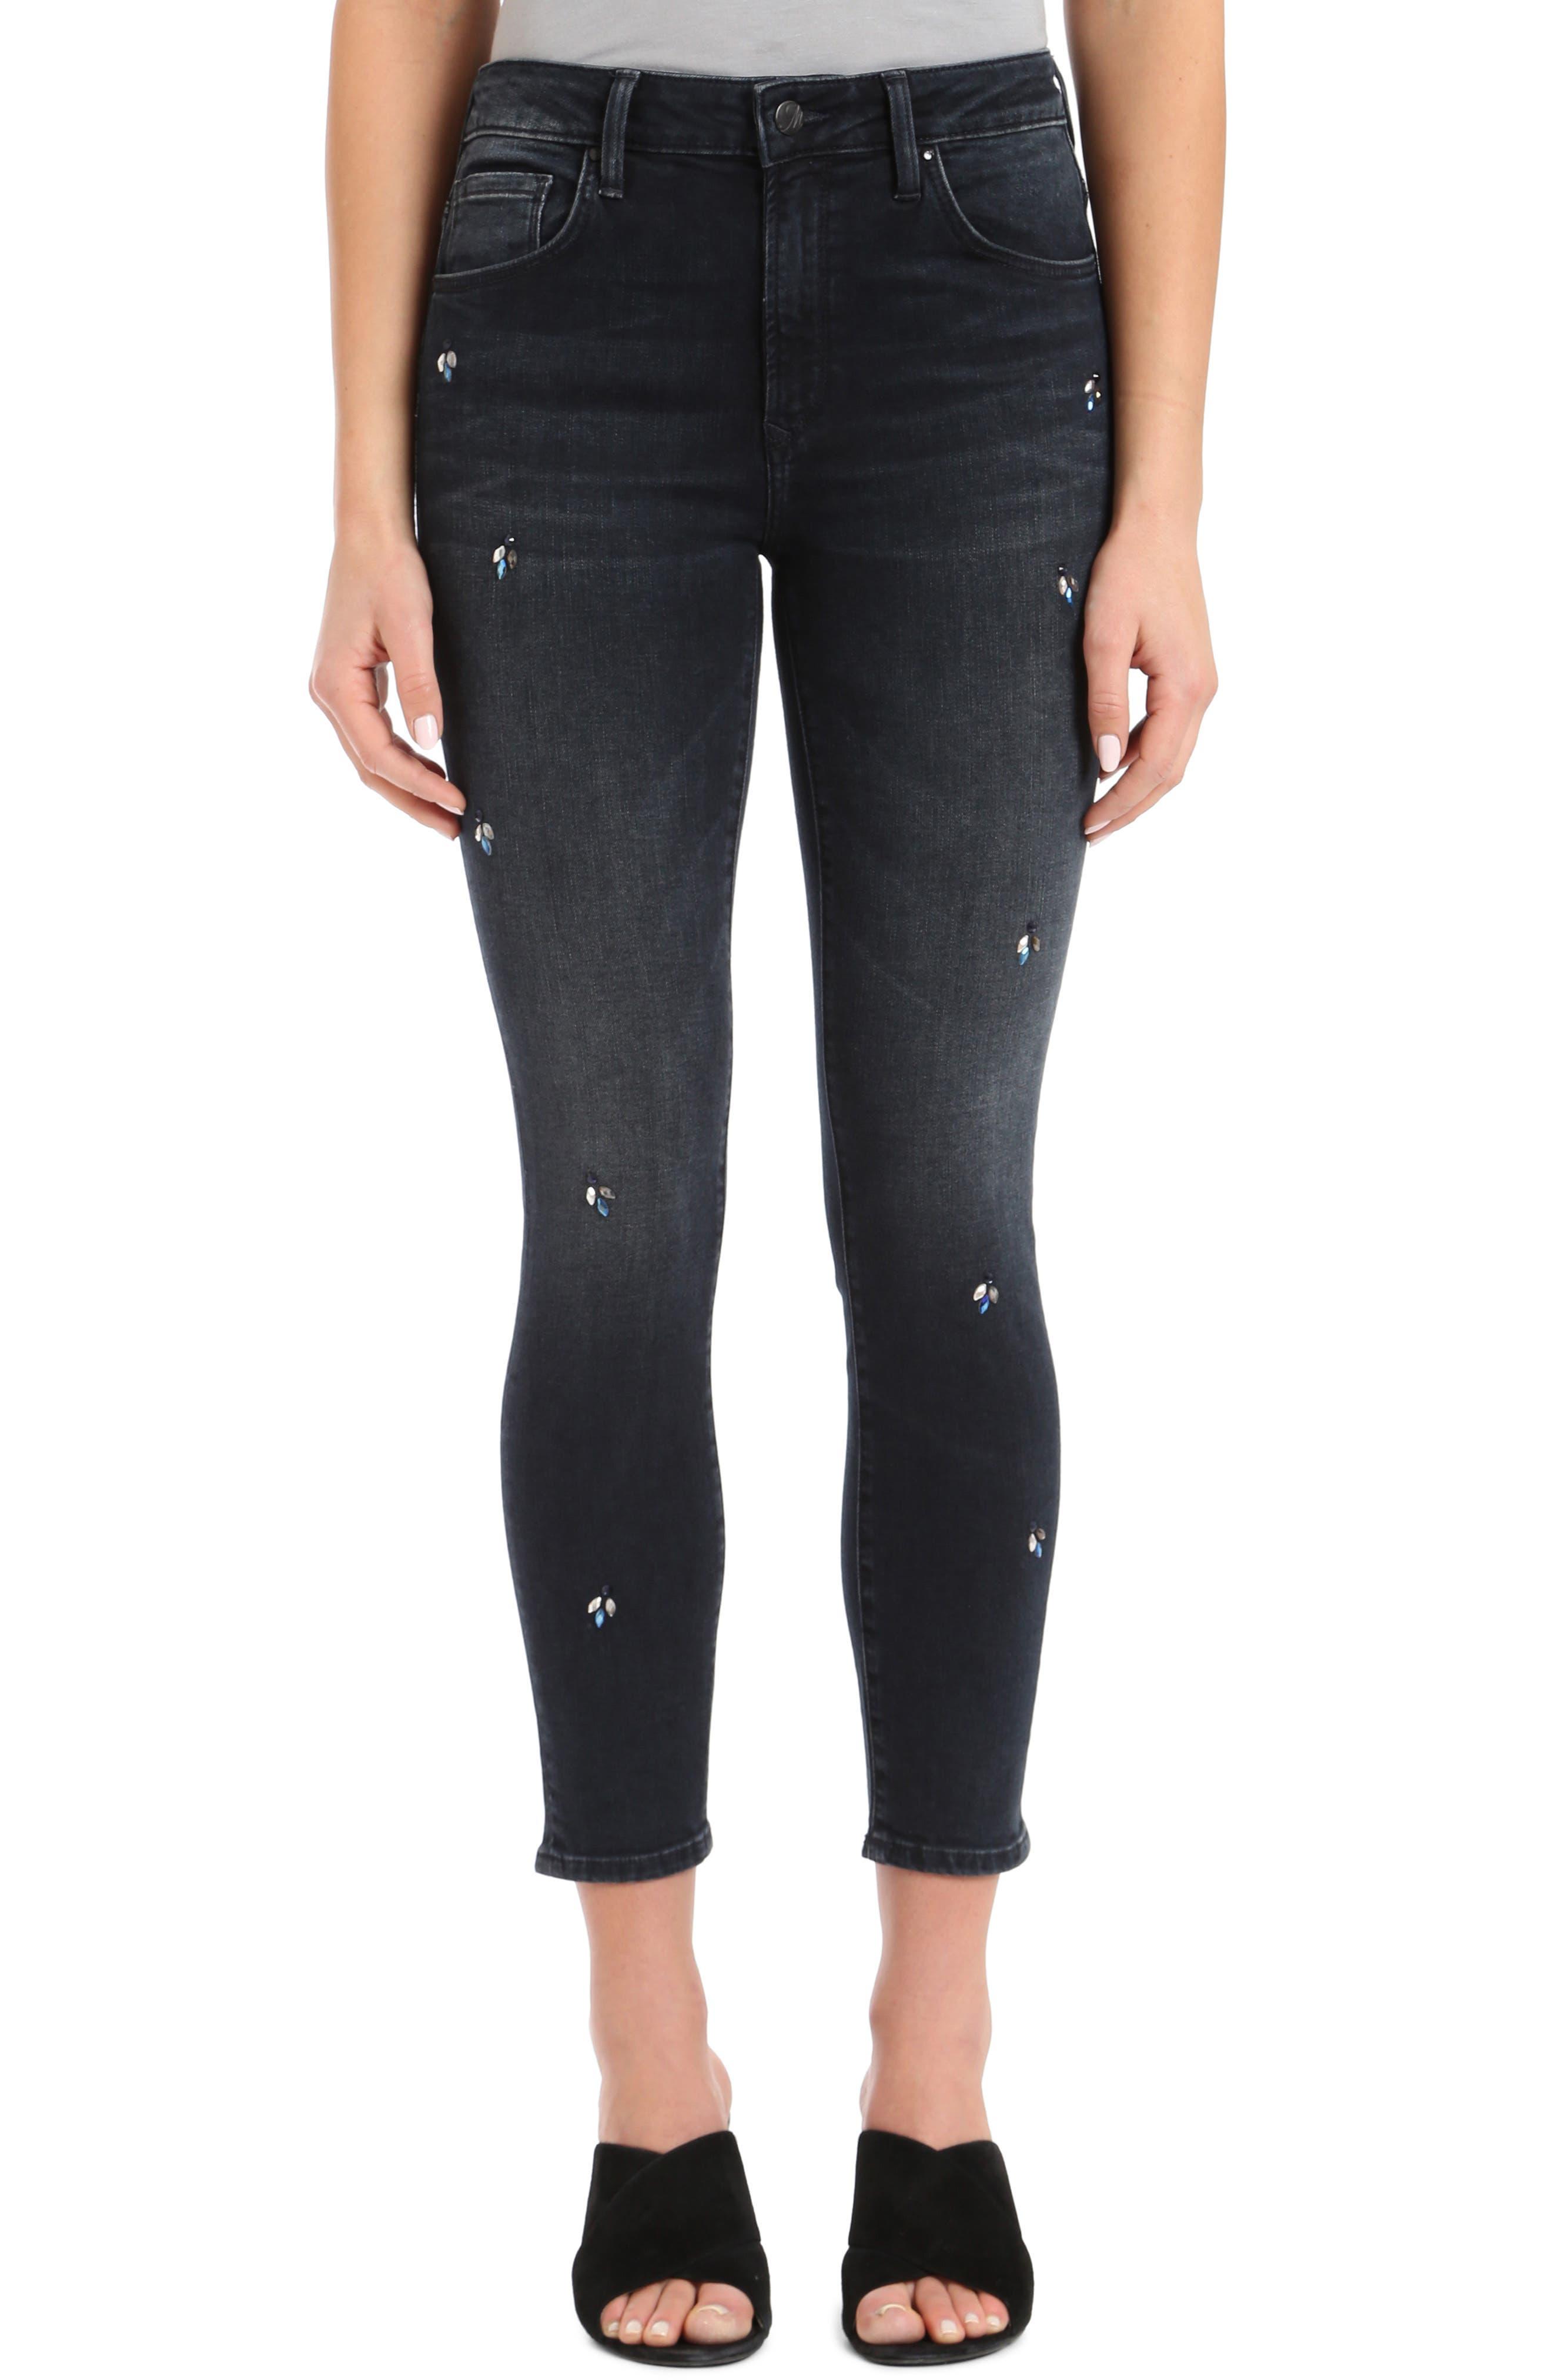 MAVI JEANS Tess Crystal Embellished Super Skinny Jeans in Blue